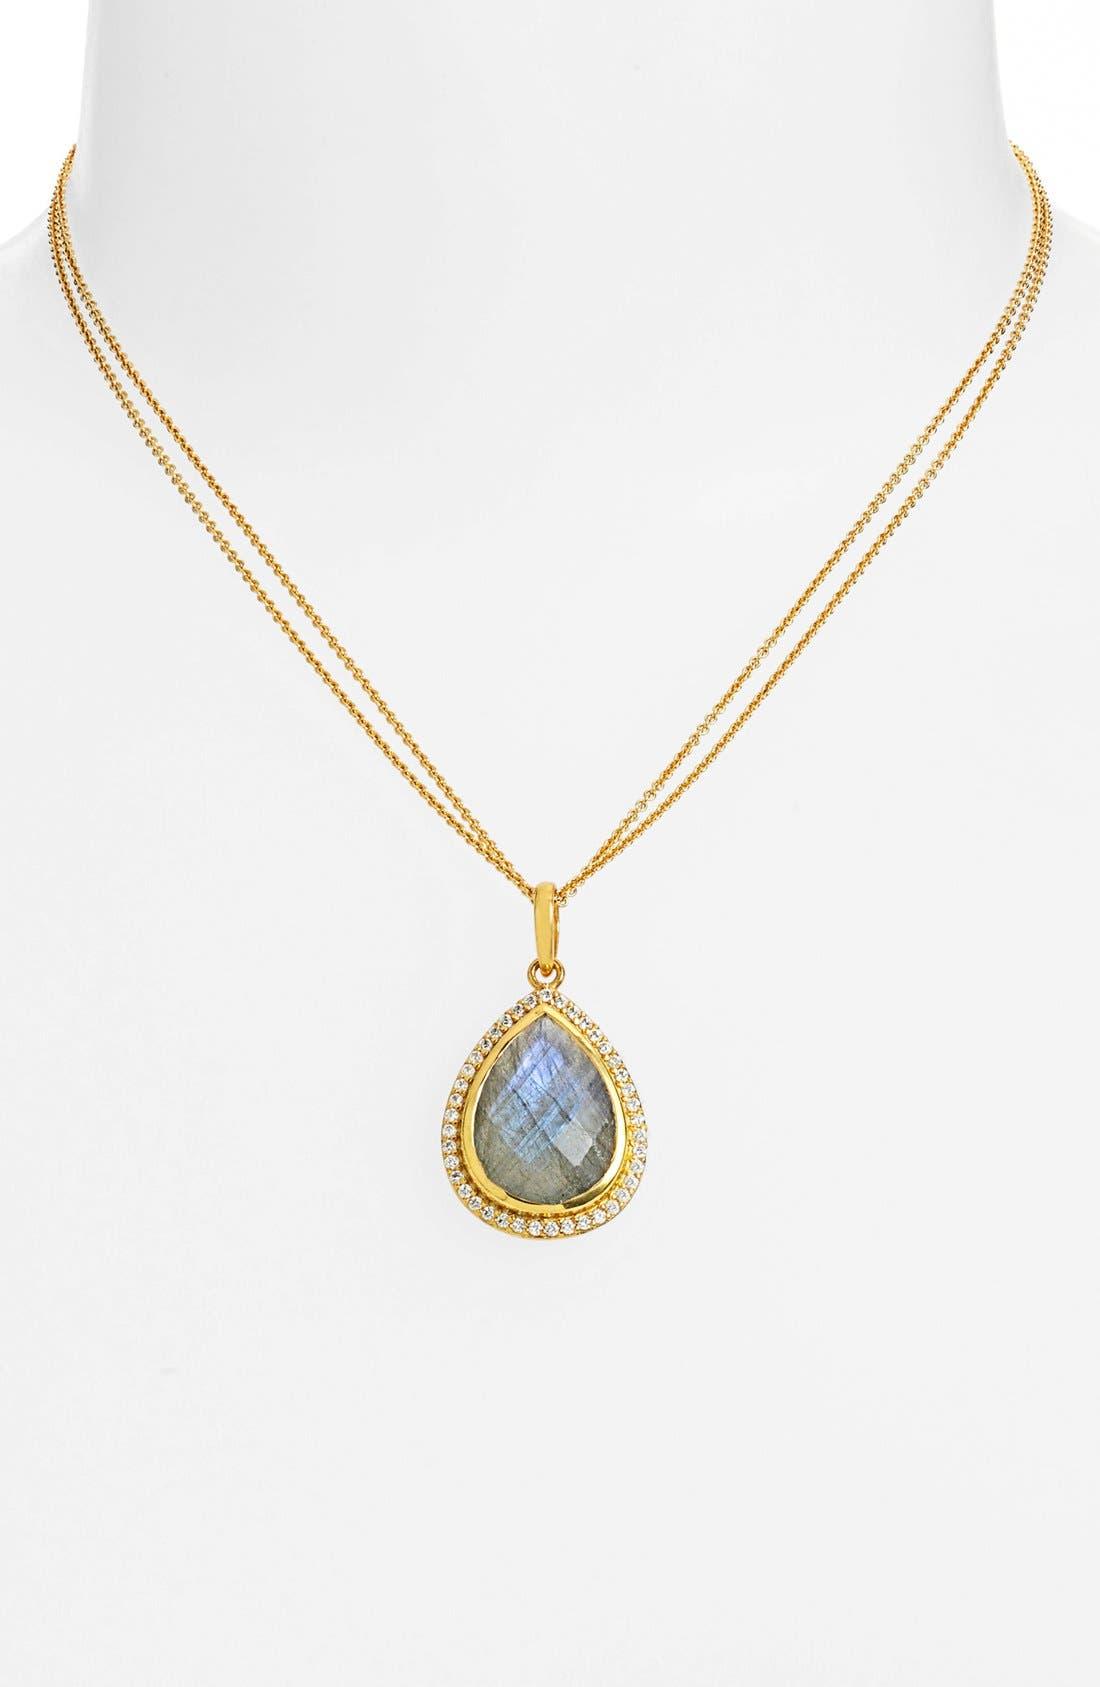 Alternate Image 1 Selected - NuNu Designs Large Pendant Necklace